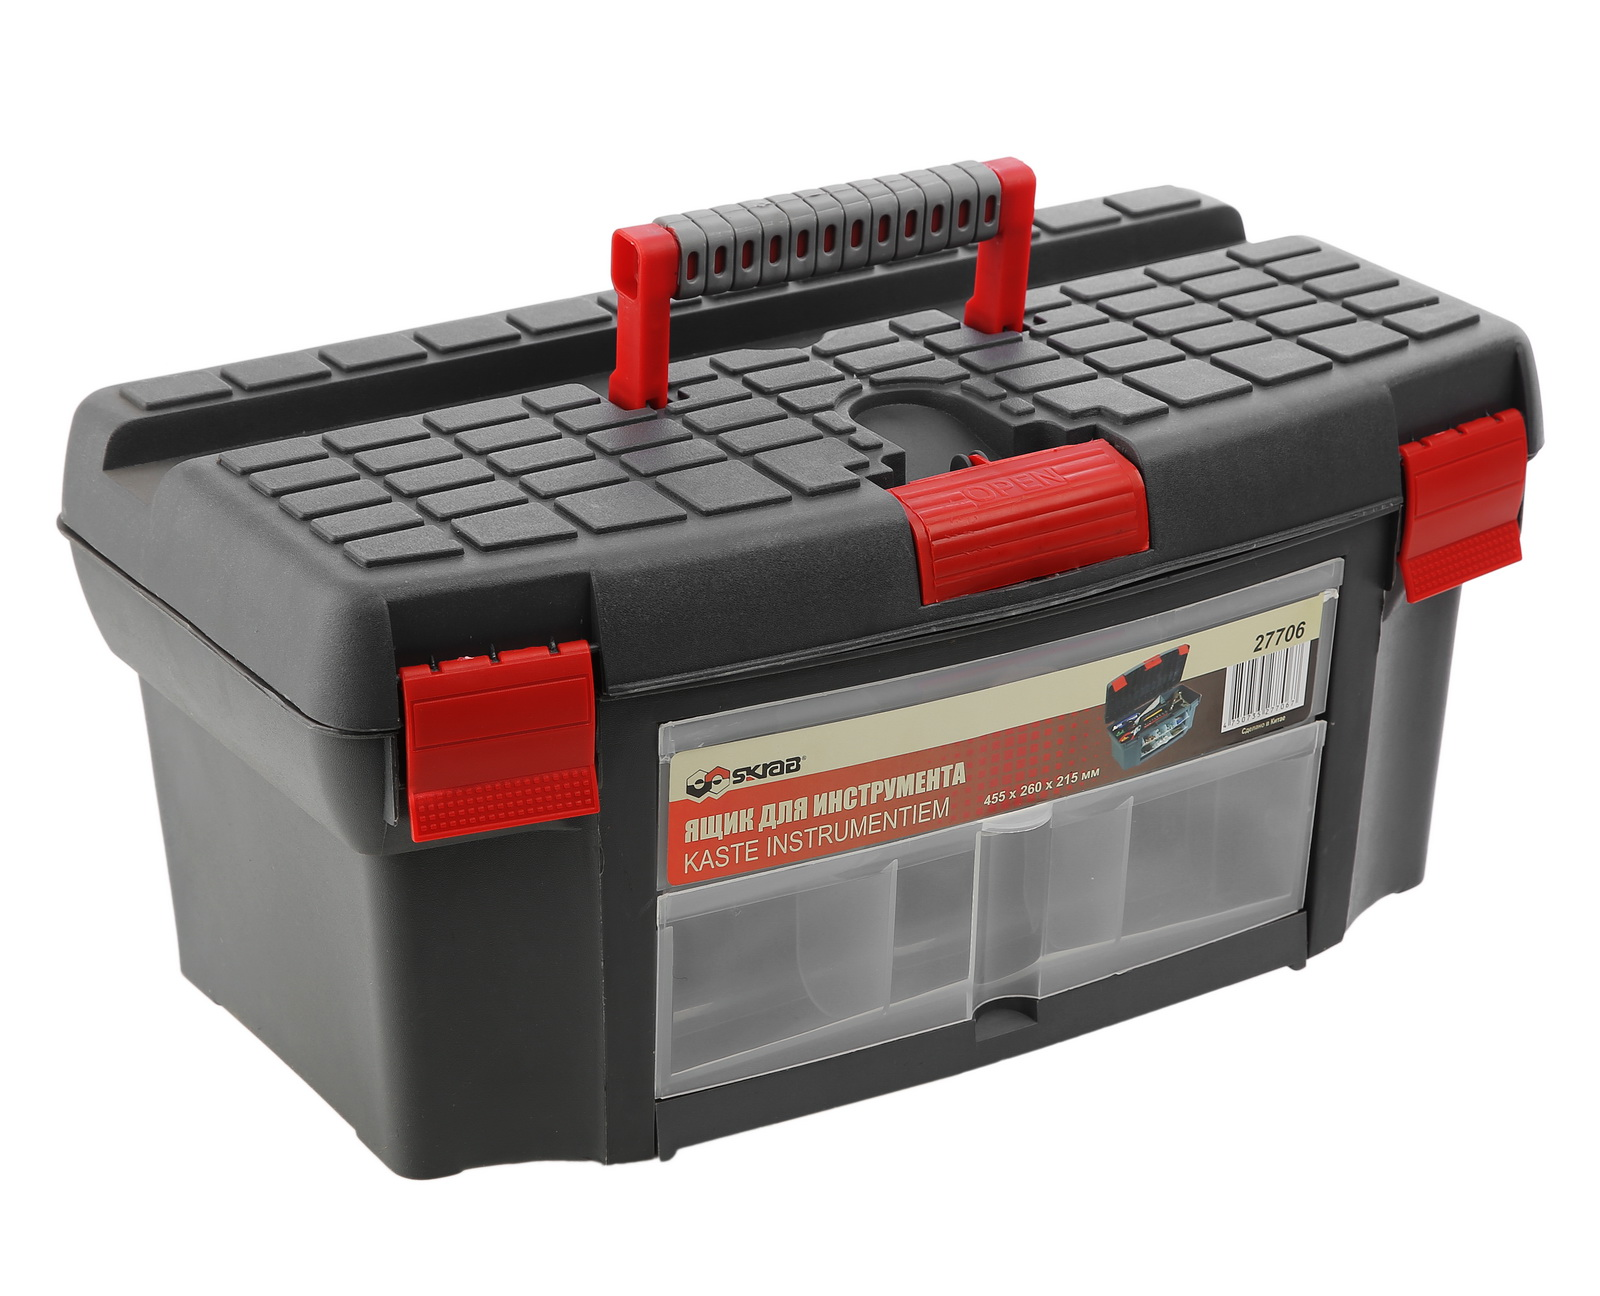 Ящик для инструментов Skrab 27706 ящик для инструментов truper т 15320